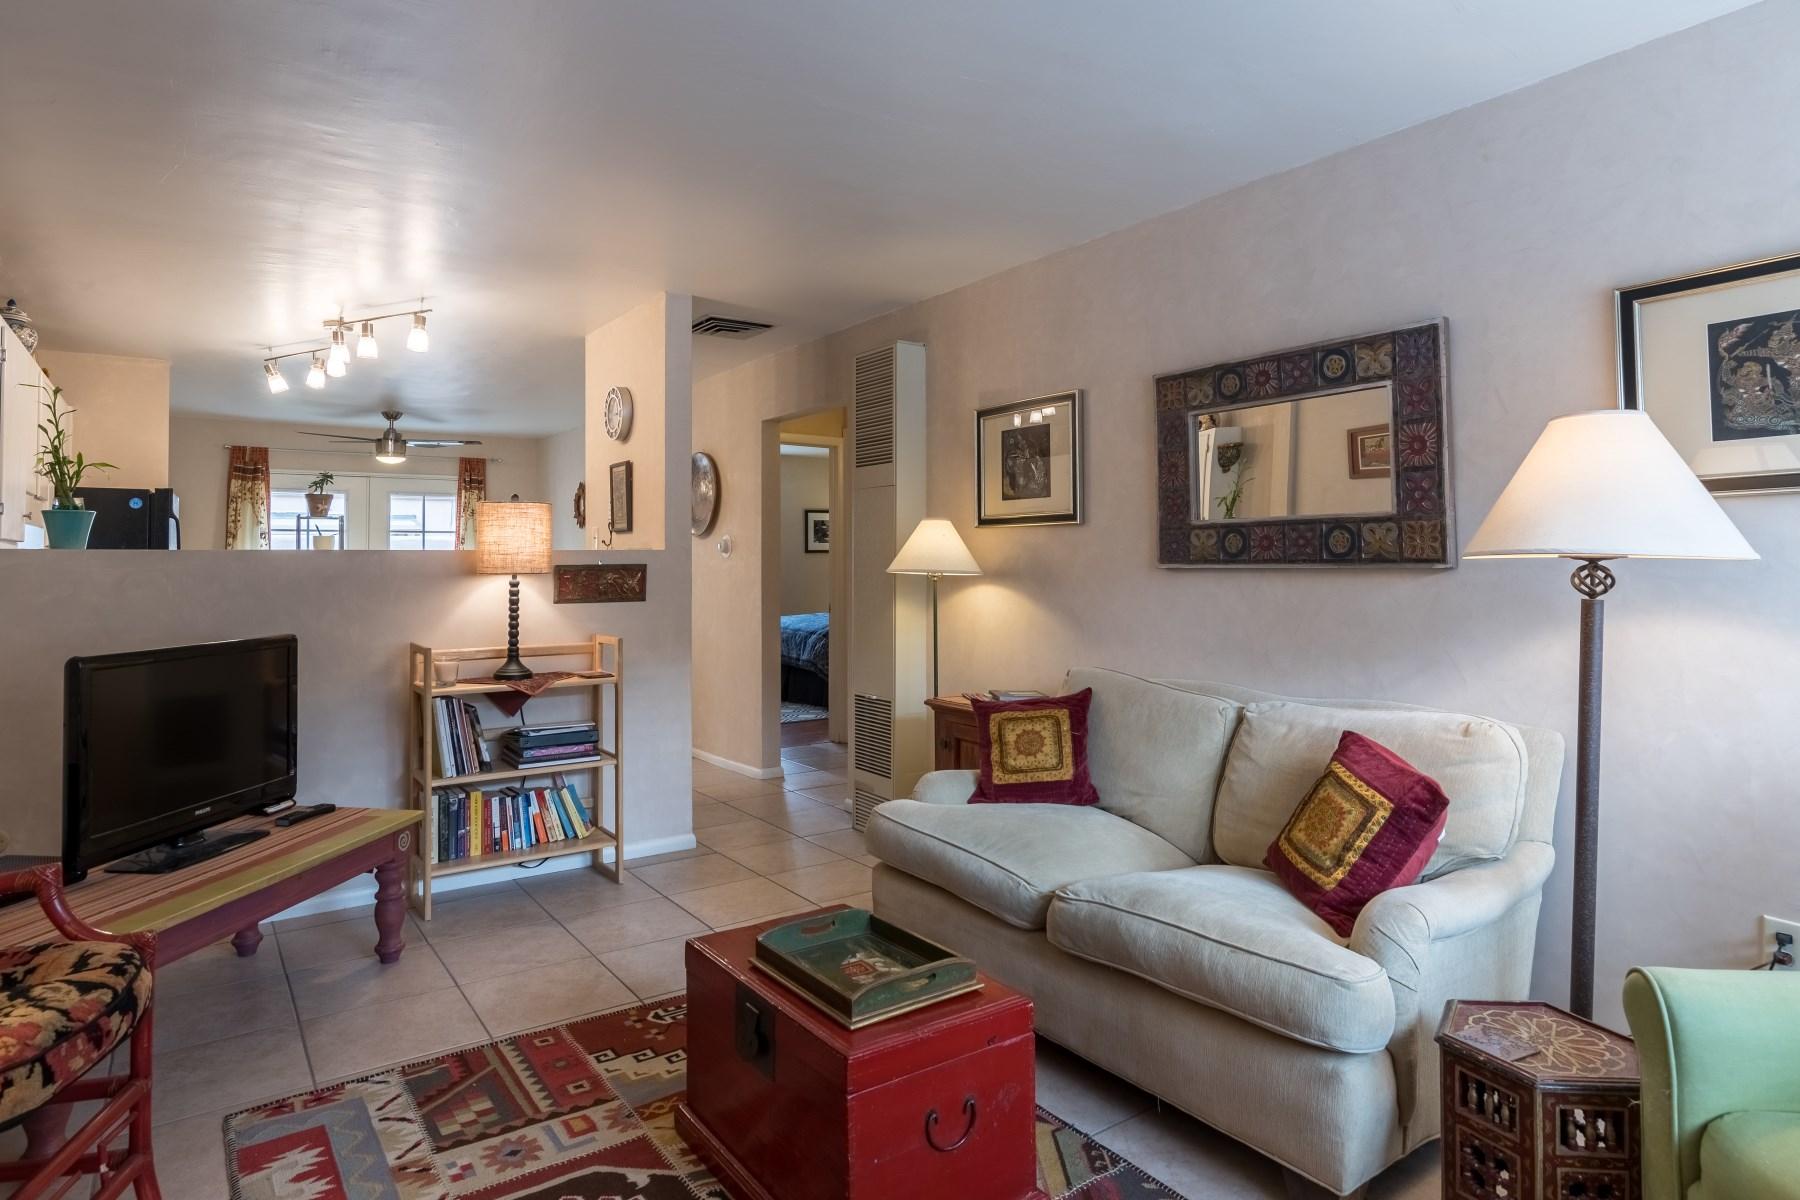 Condominium for Sale at 1000 Marquez Place, C-6 Santa Fe, New Mexico 87505 United States